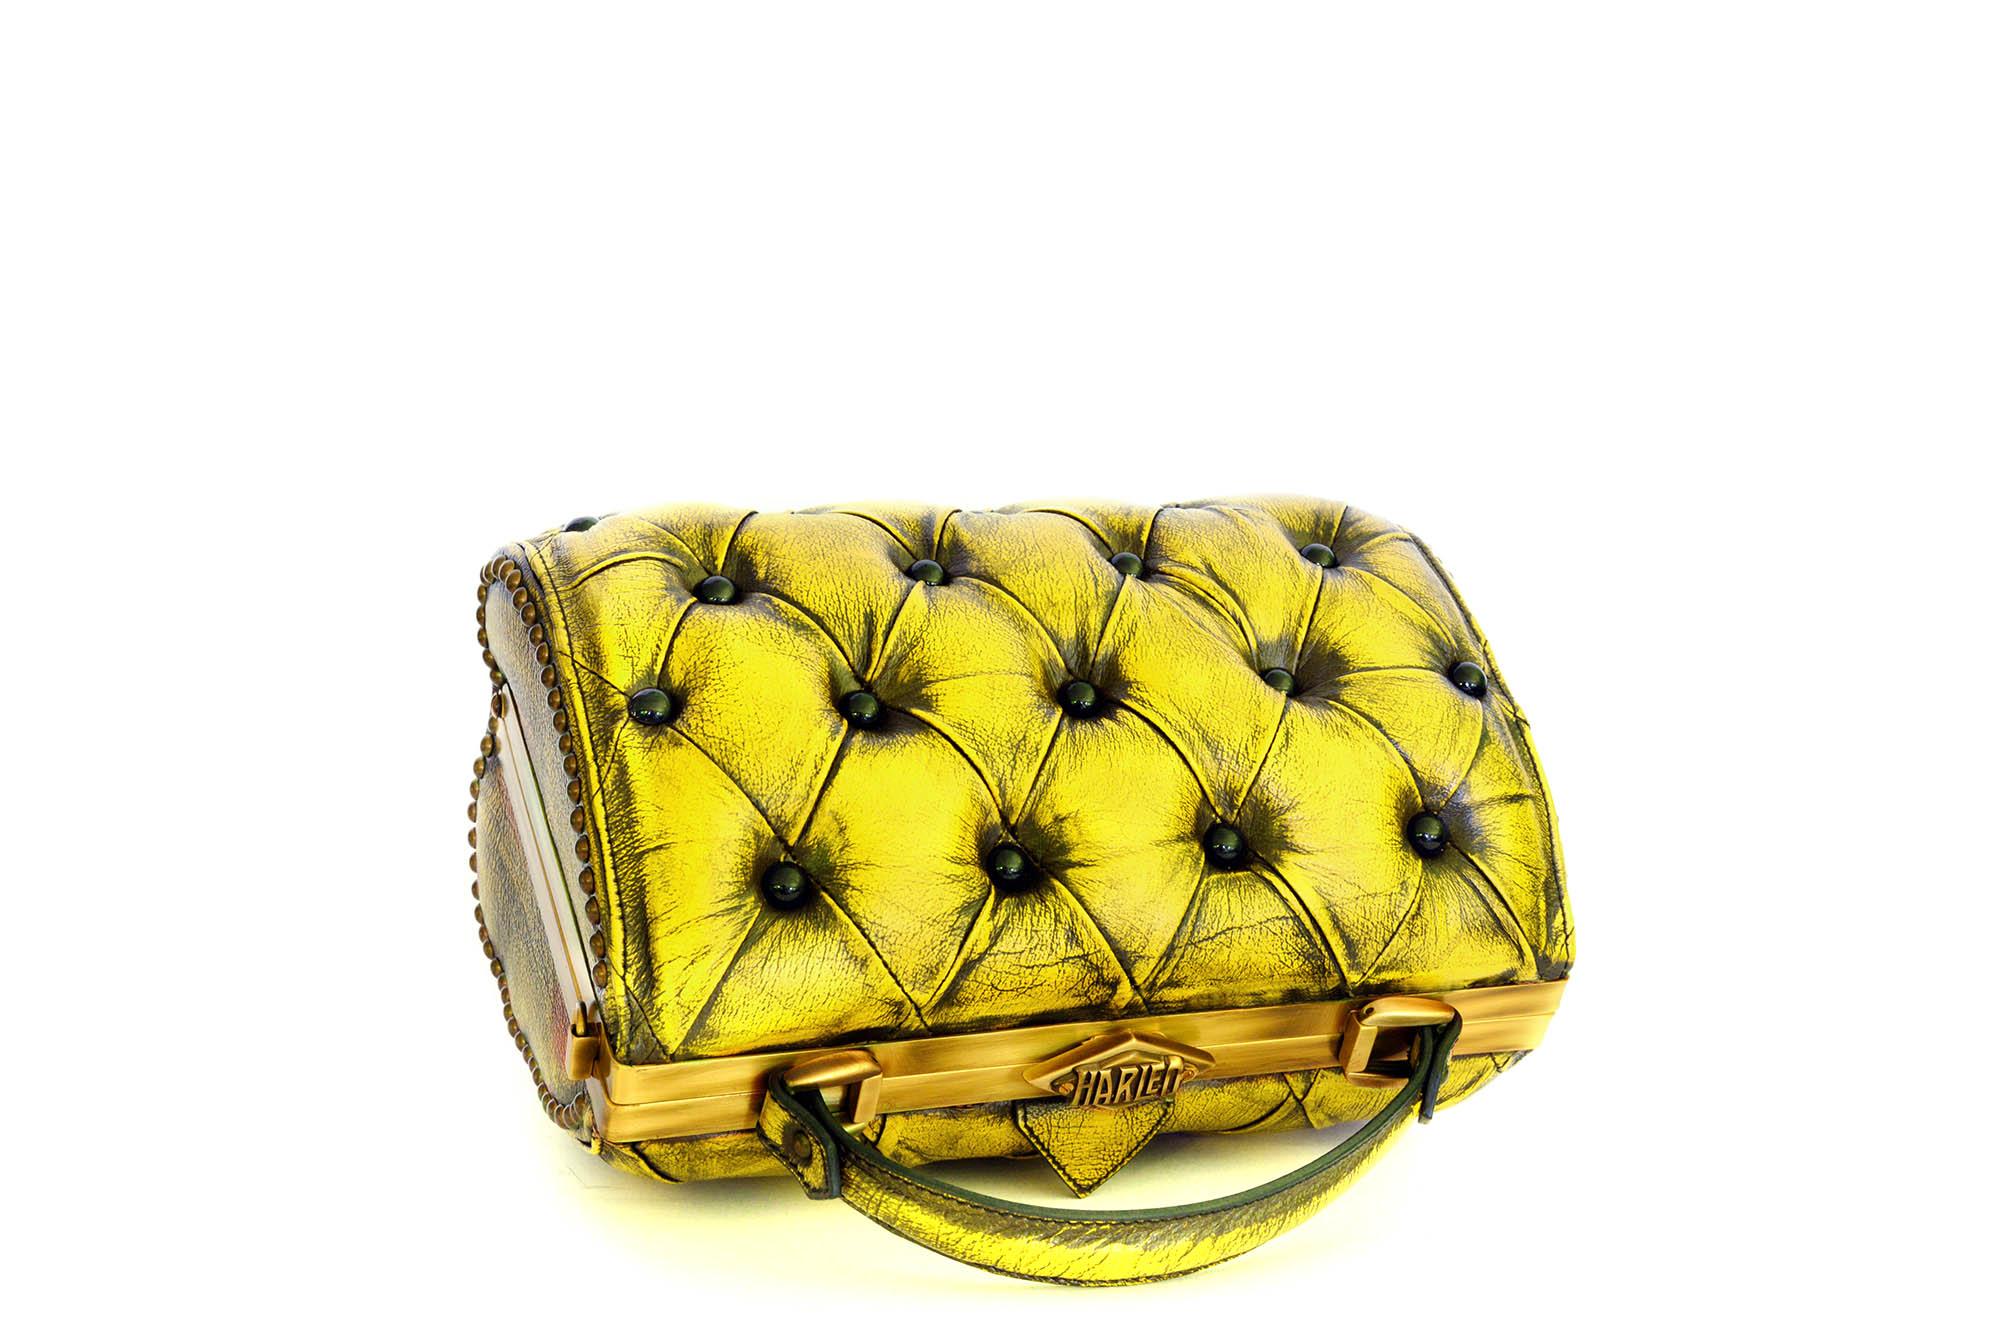 harleq-yellow-bag-leather-lemon-bag